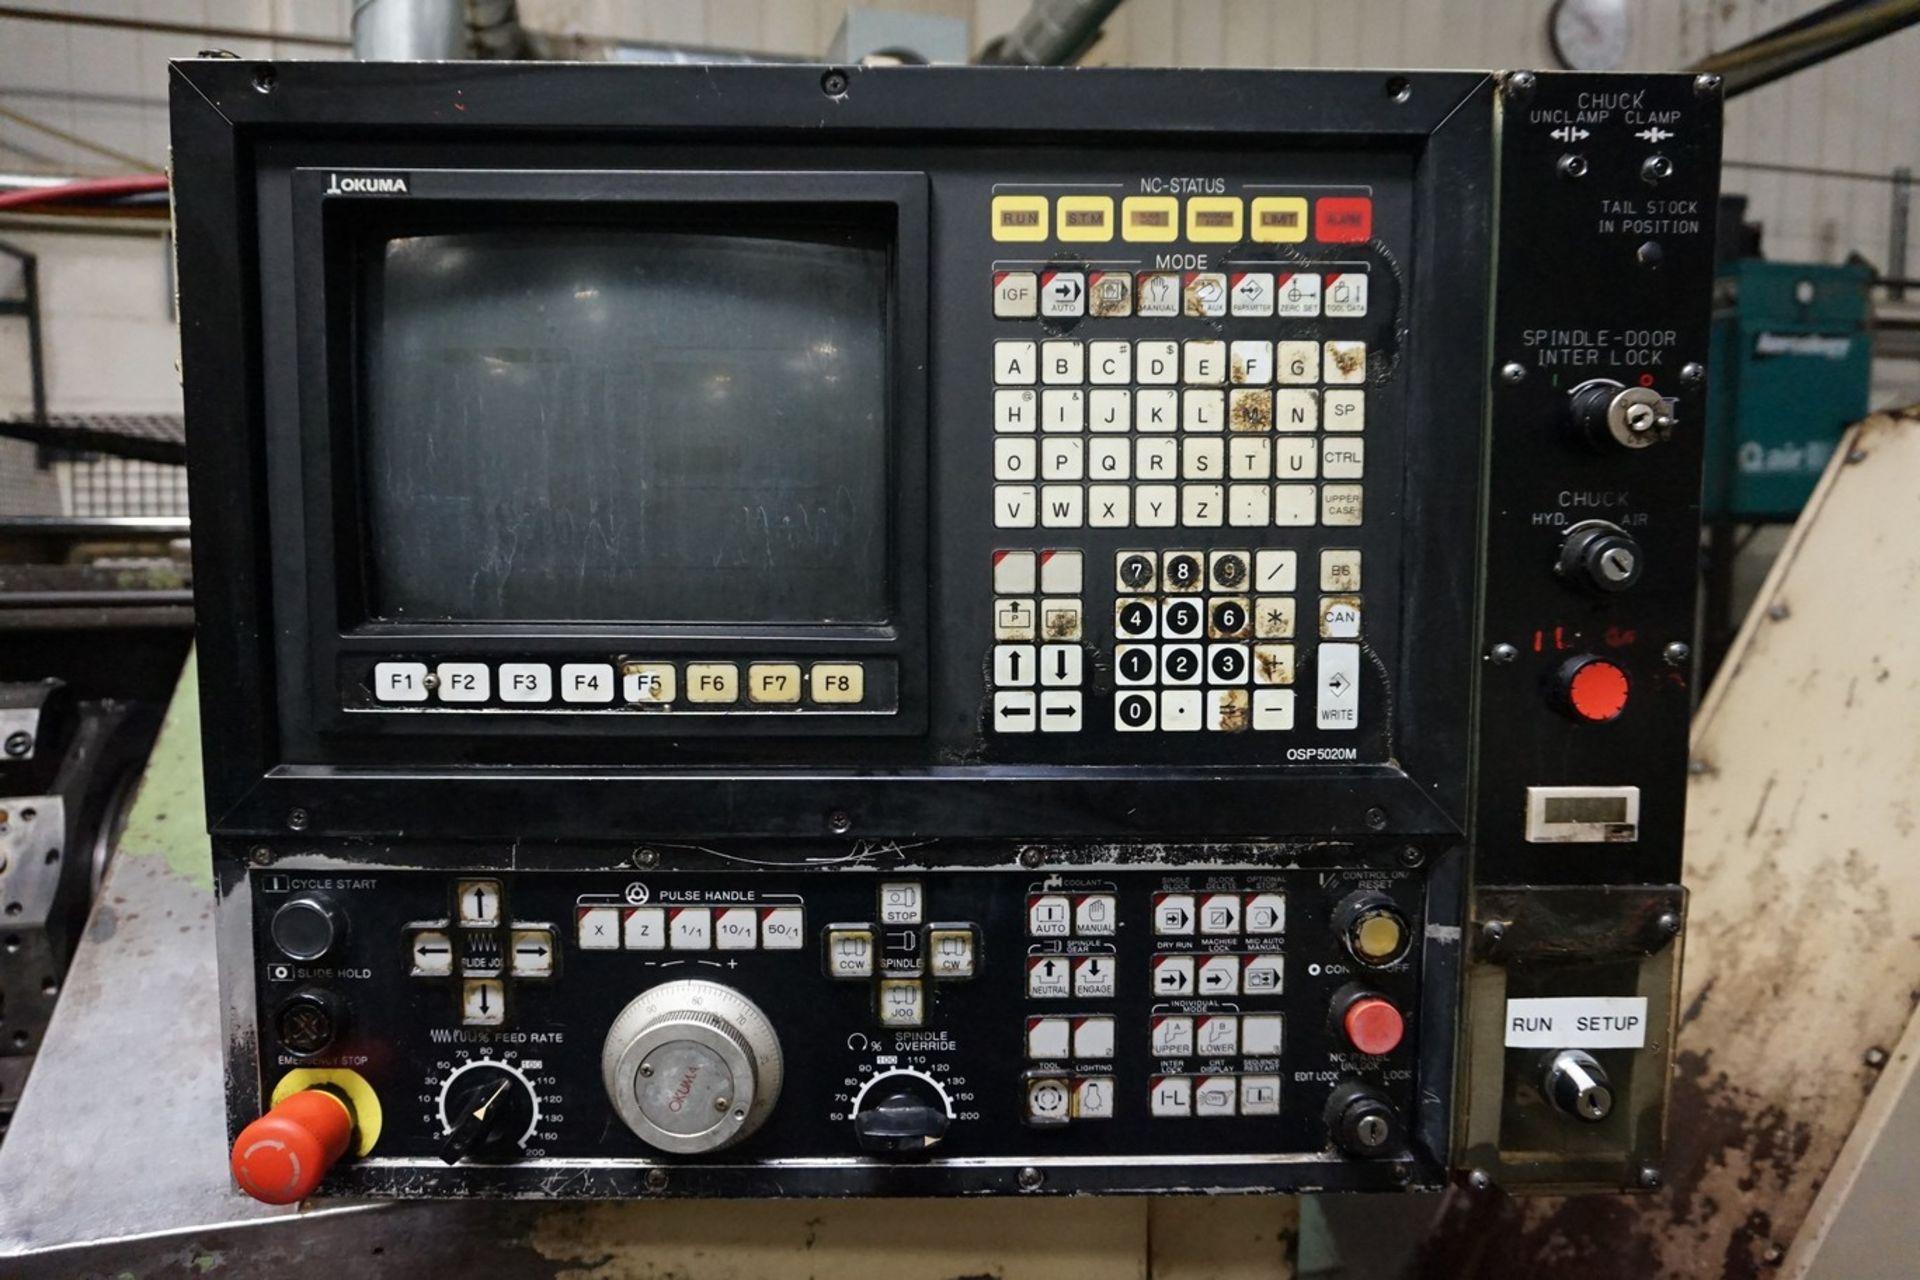 Okuma Model LB15 CNC Lathe 220/440V with Enomoto Chip Conveyor, Transformer - Image 2 of 6